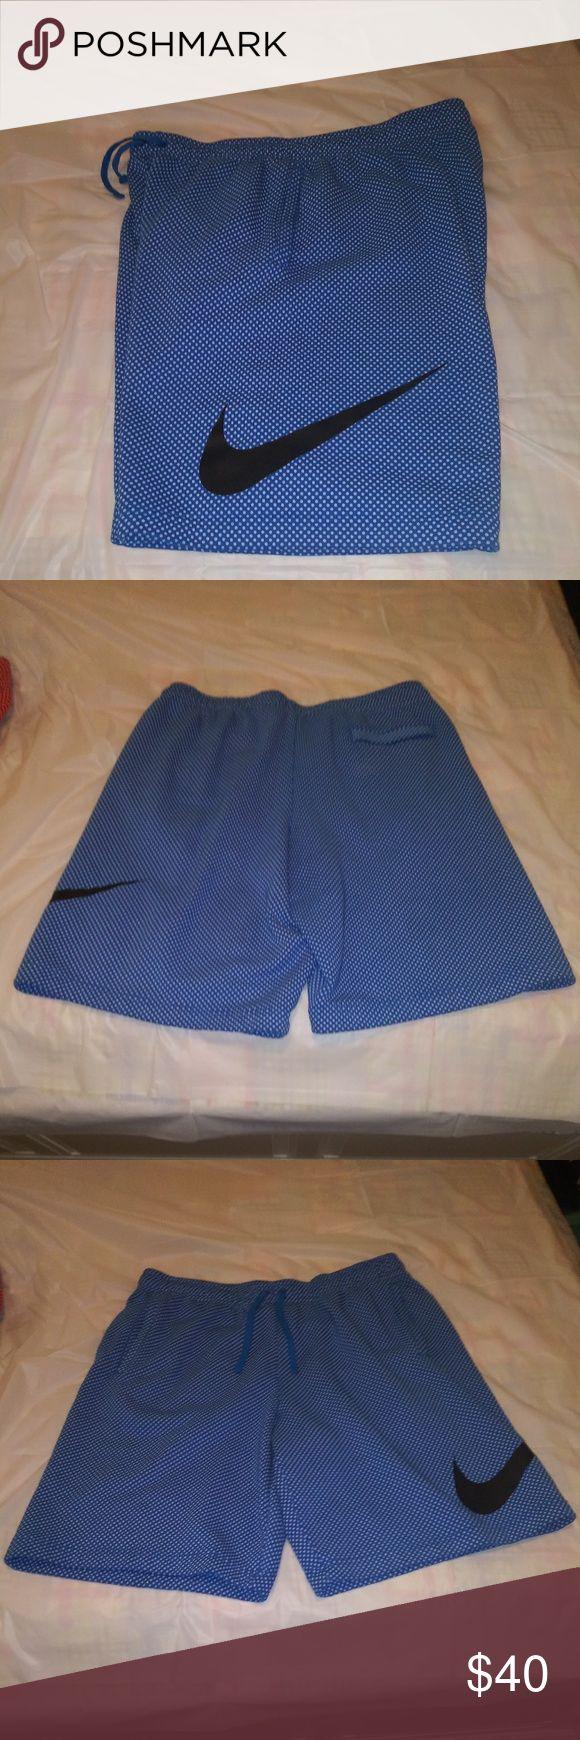 Herren Nike Shorts Herren Nike Shorts blau mit weißen Punkten und schwarzem Swoosh. 2 pocke …   – My Posh Closet